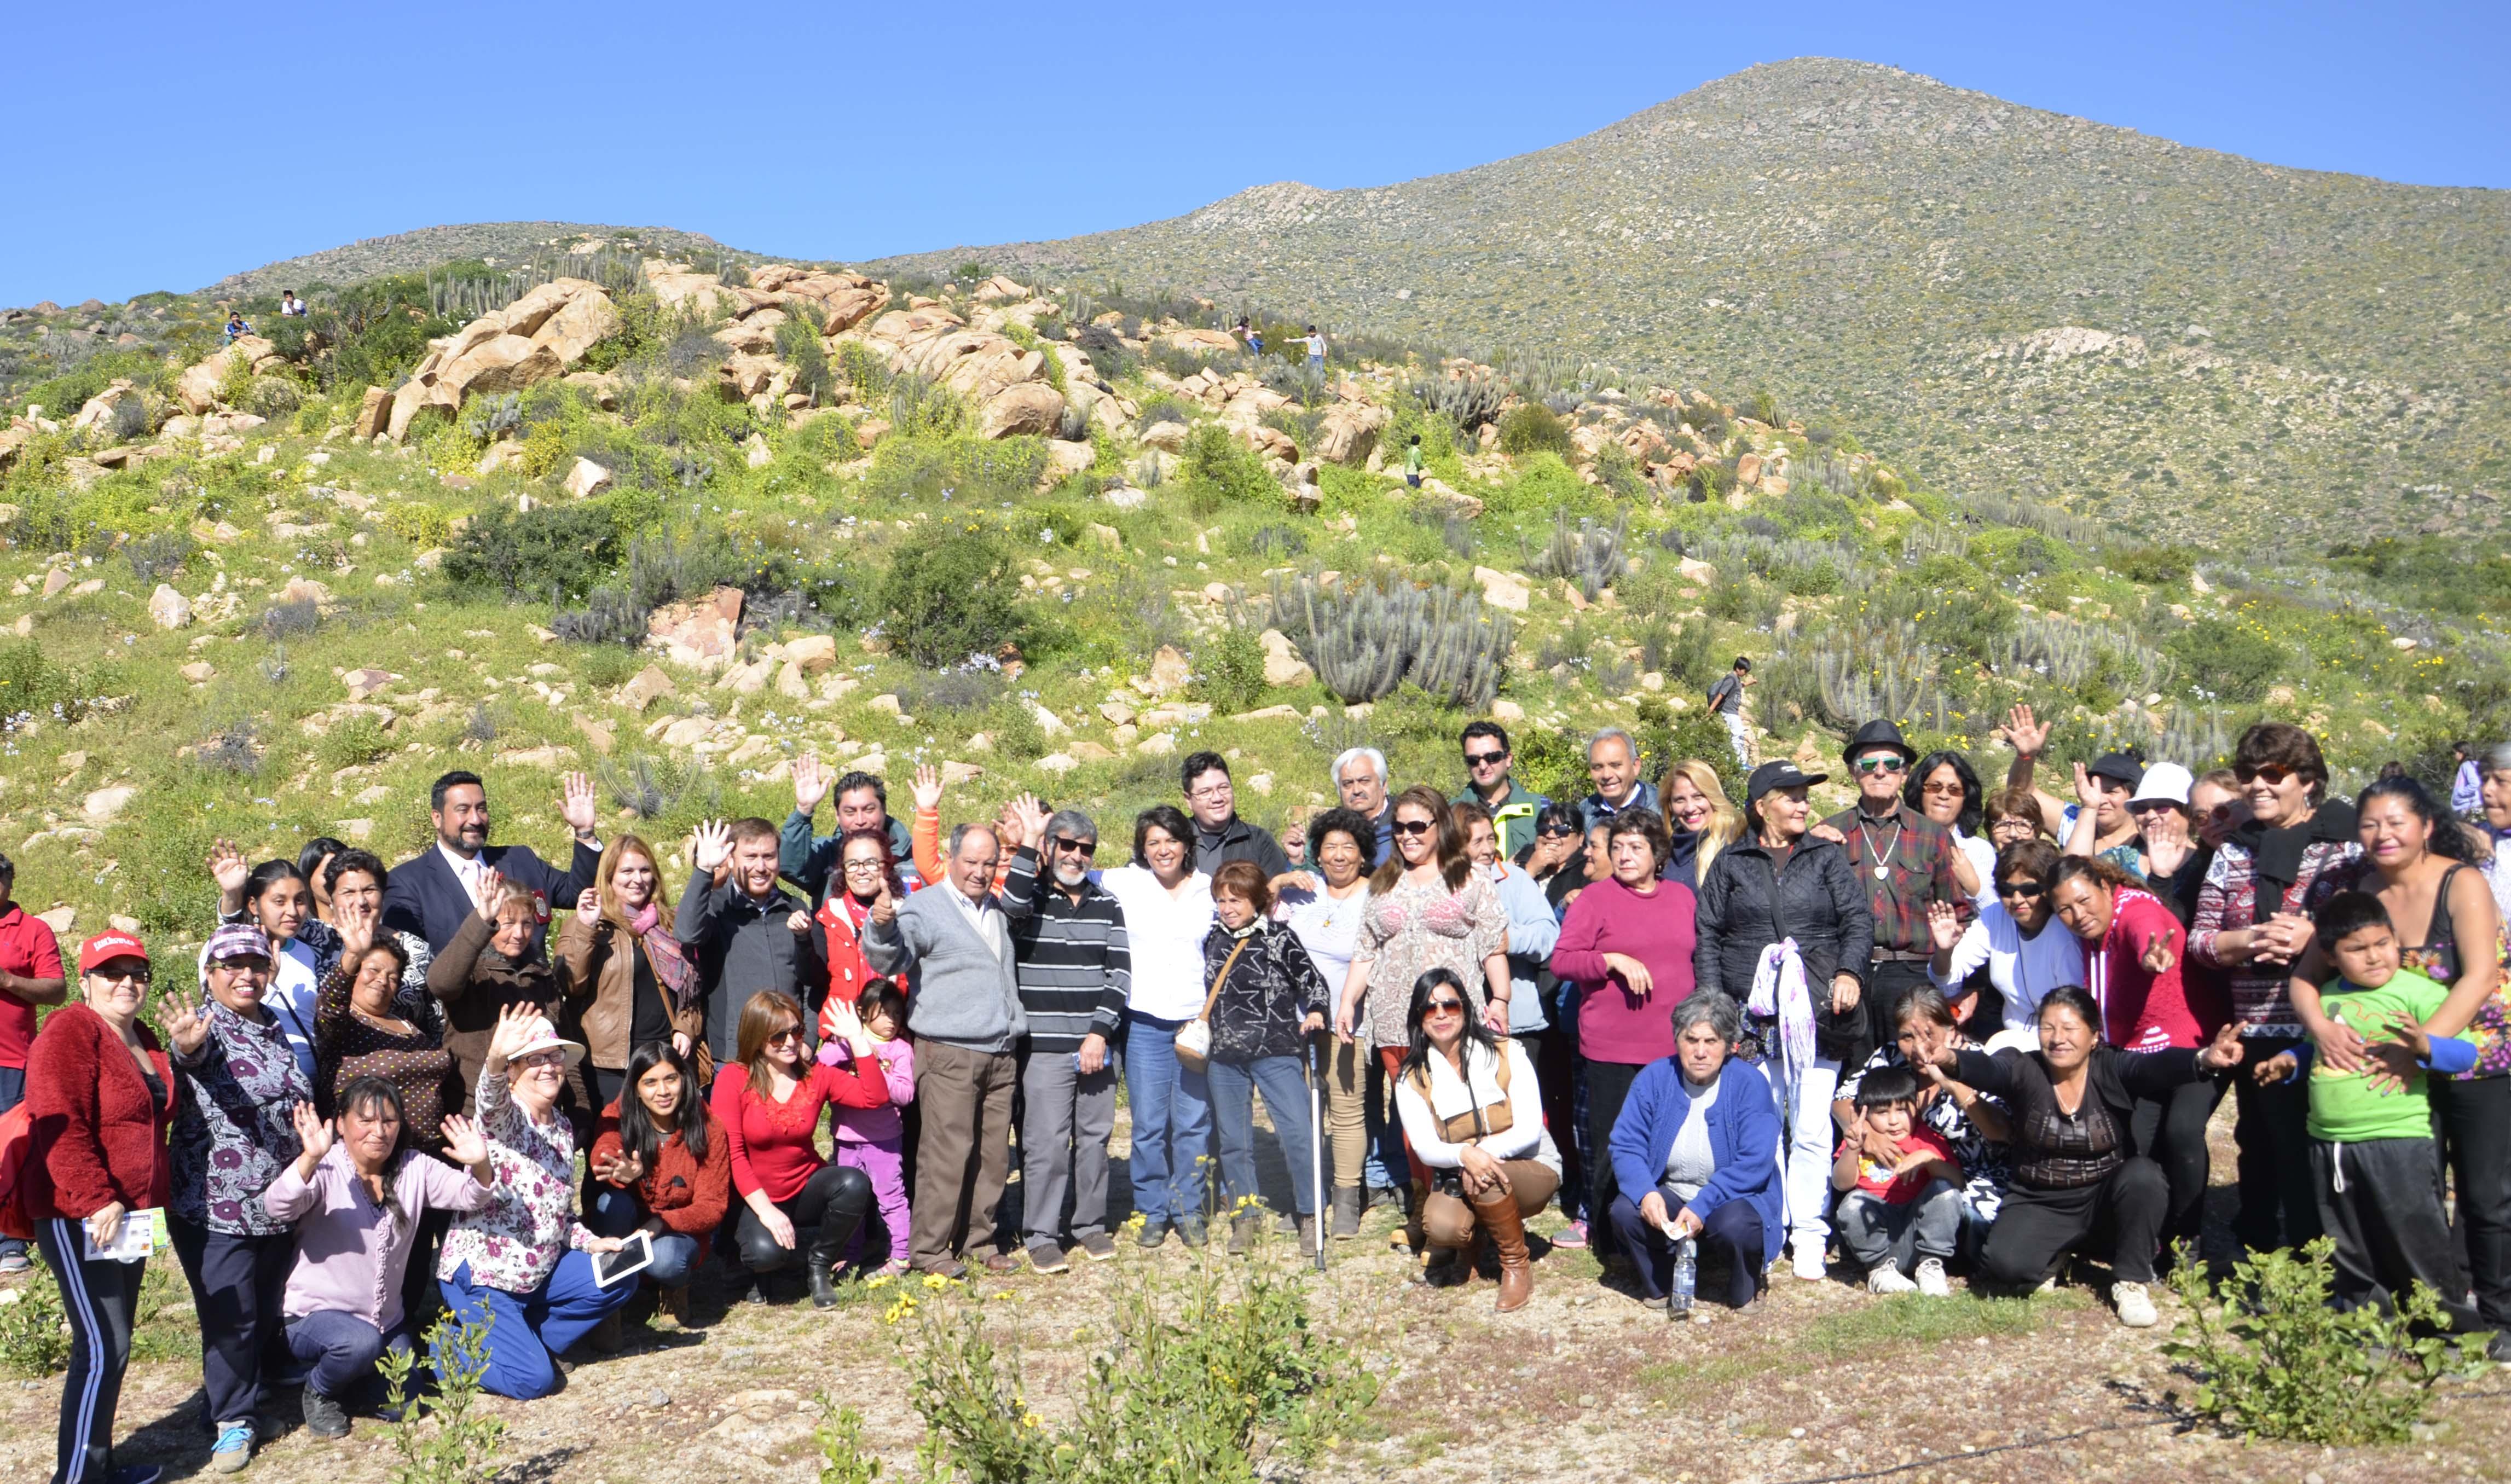 Gobierno Regional de Atacama lanza Campaña de Promoción y Protección del Desierto Florido